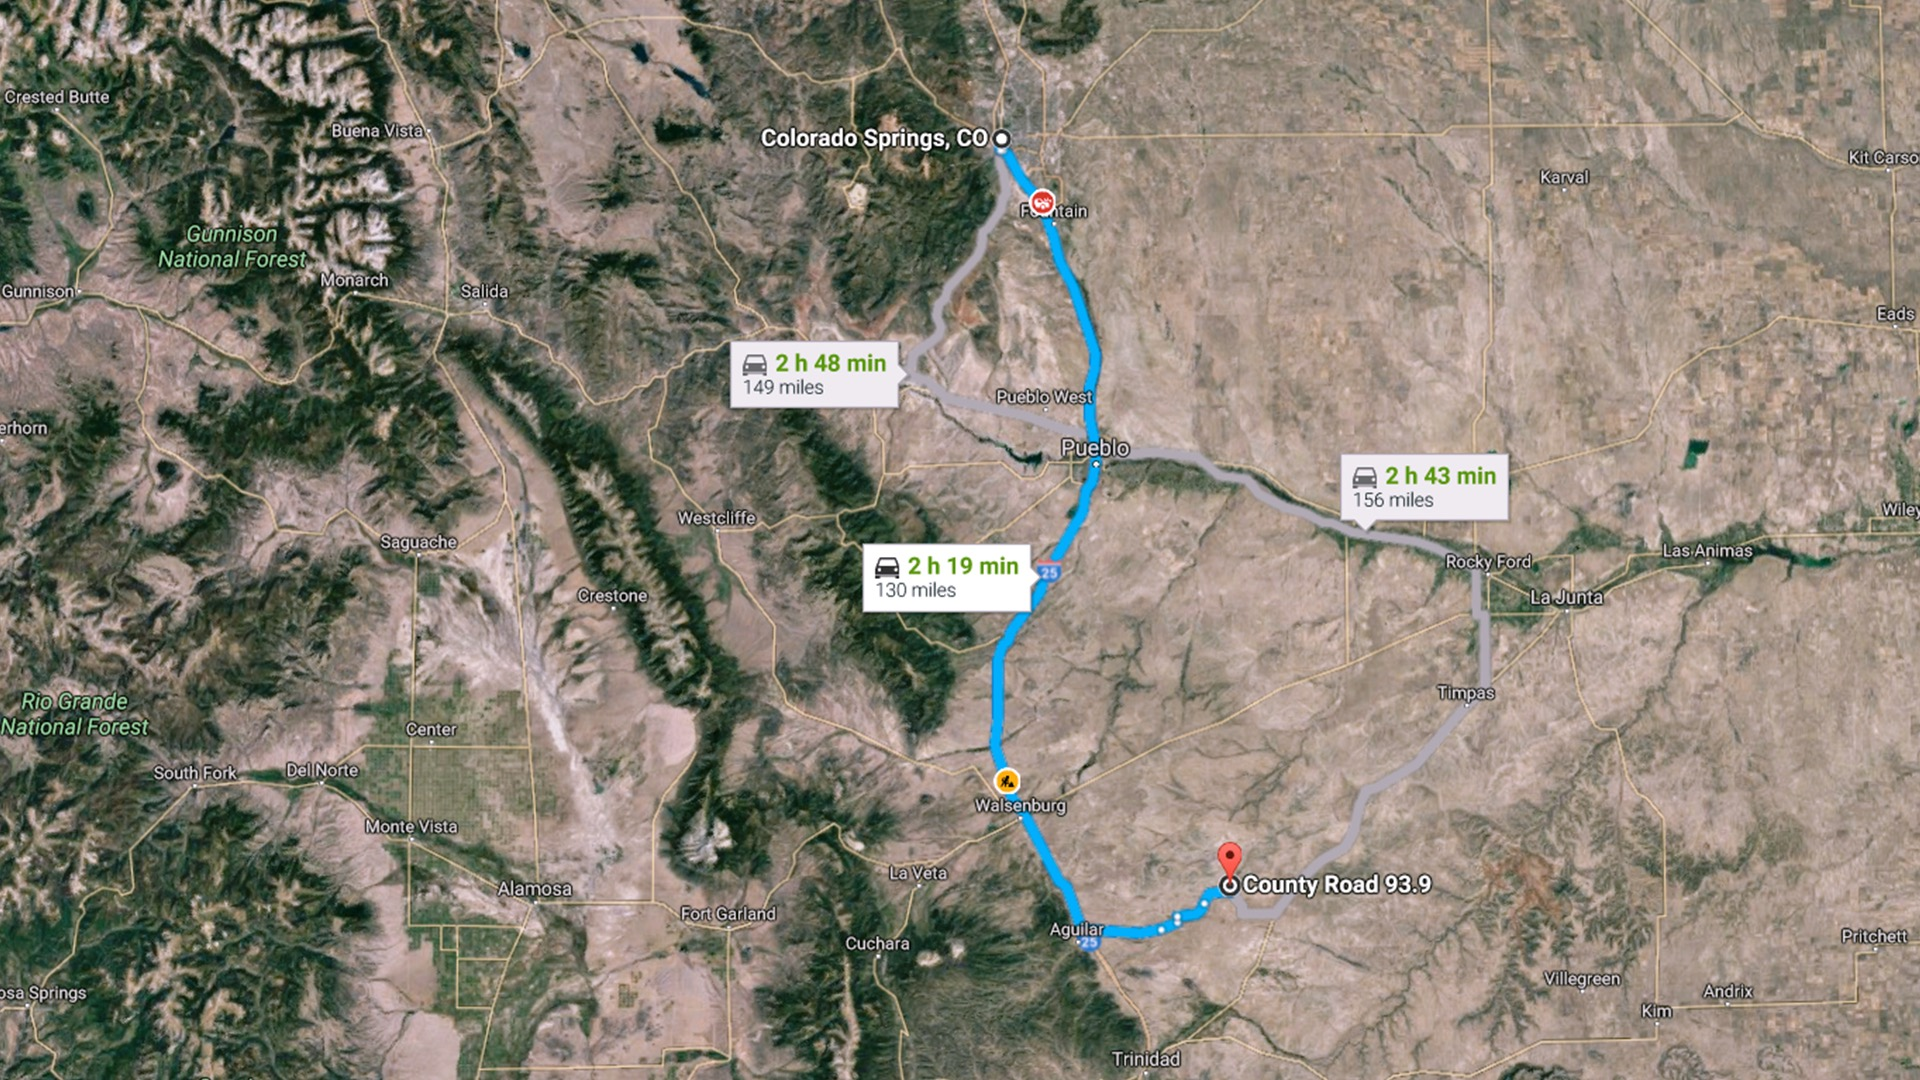 130 miles to Colorado Springs